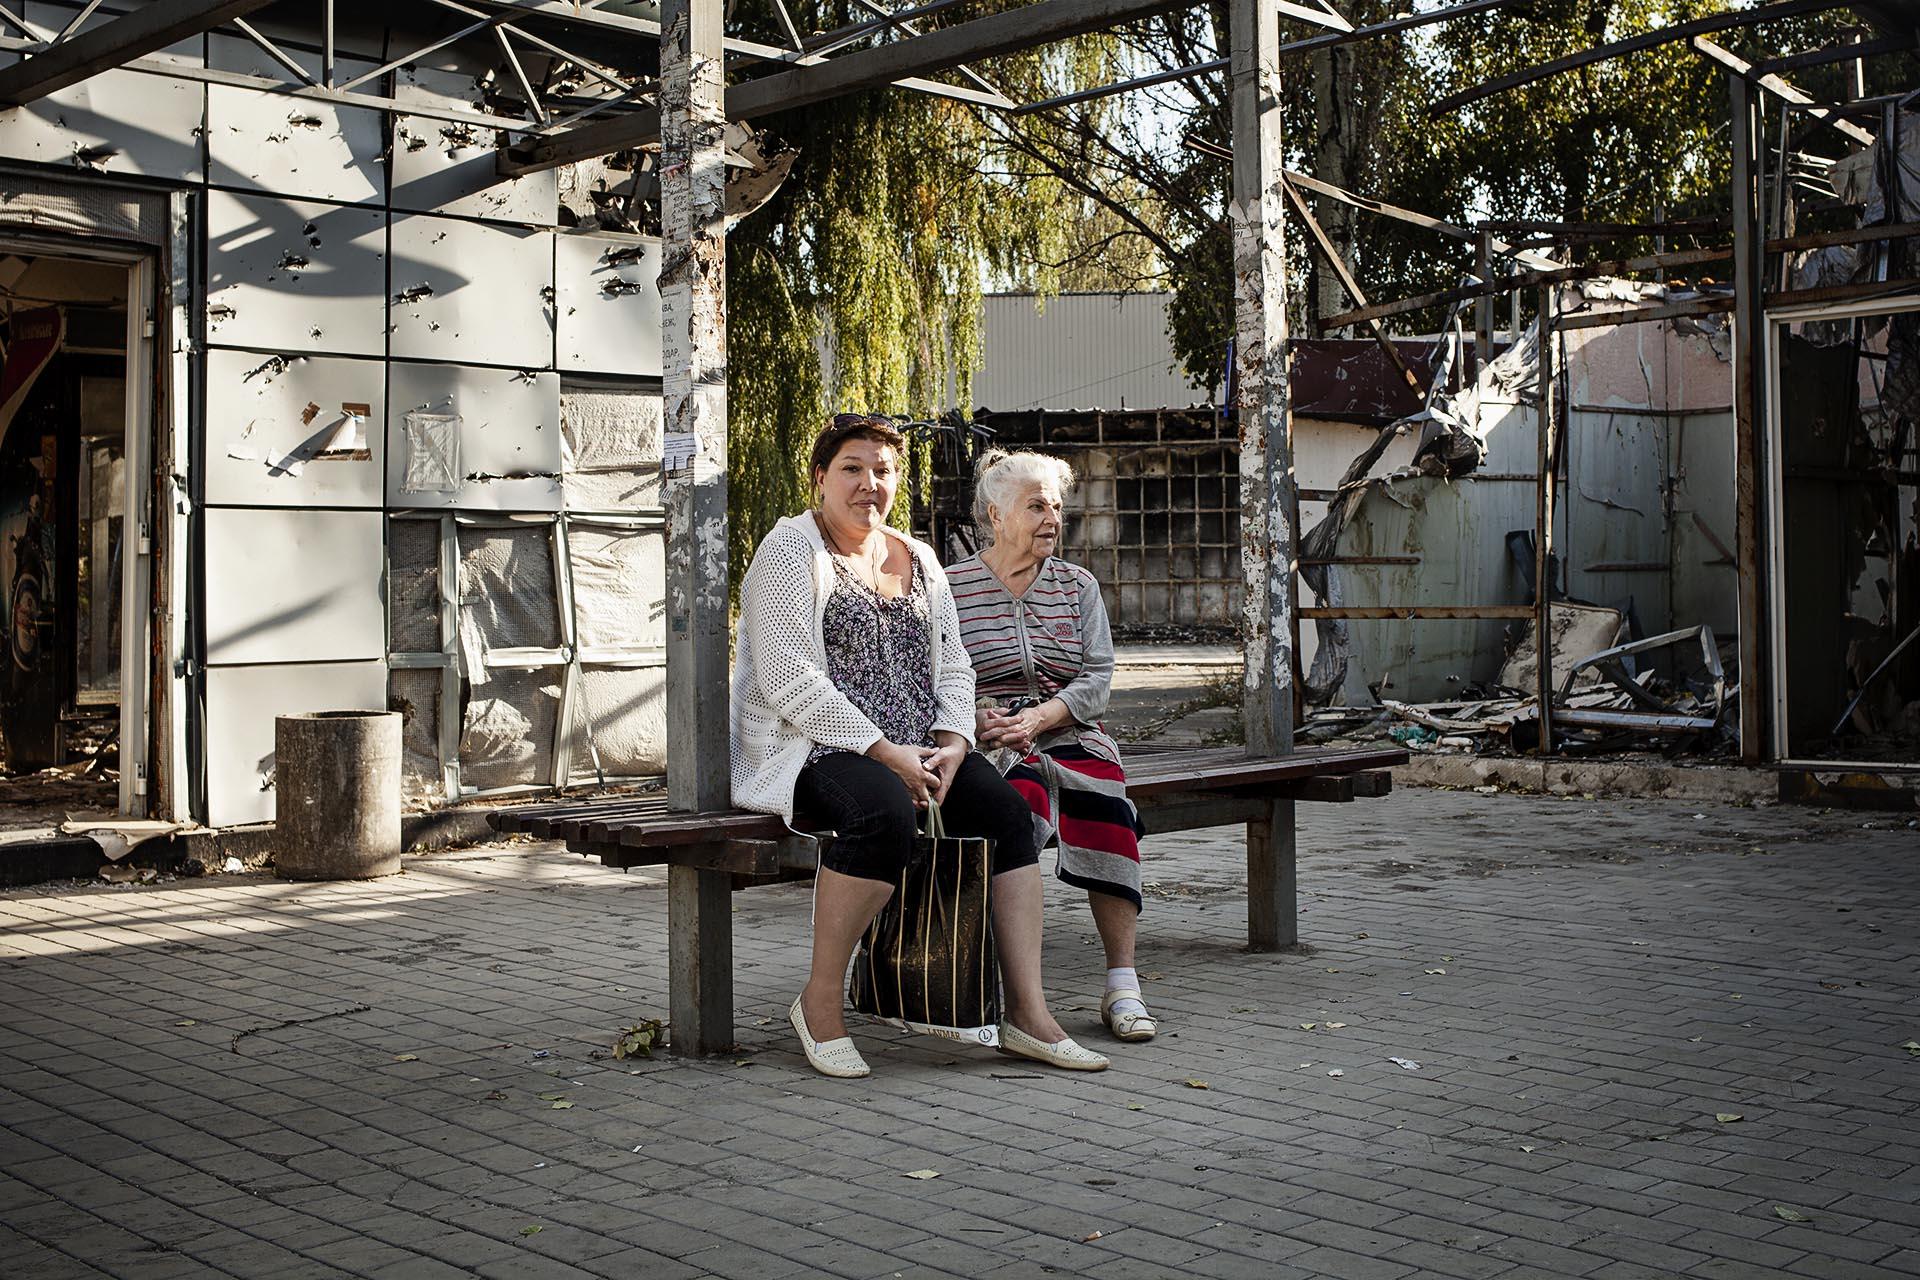 La población intenta recuperar poco a poco la normalidad a pesar de las dificultades / (barrio de Oktobersky - Donetsk).